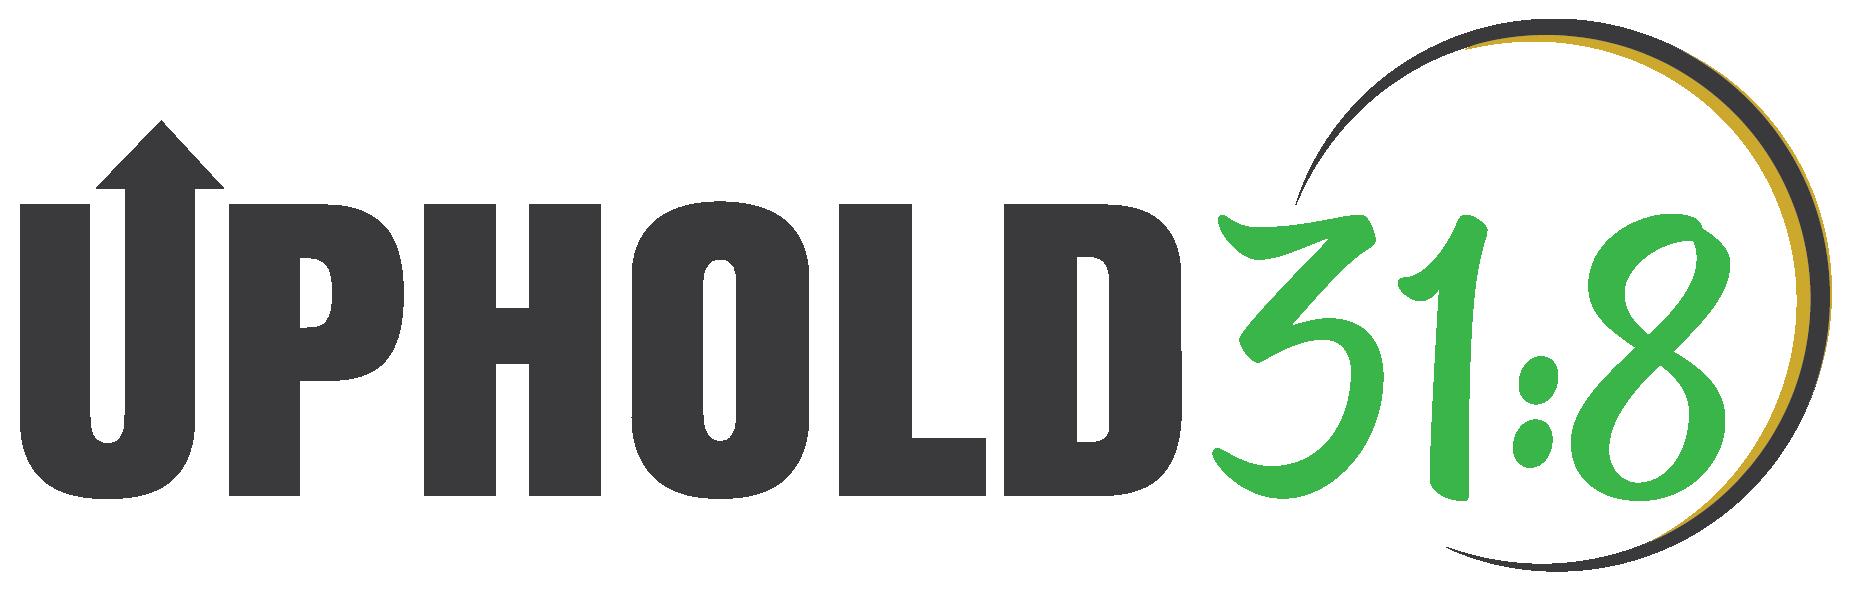 Uphold 31:8 Logo